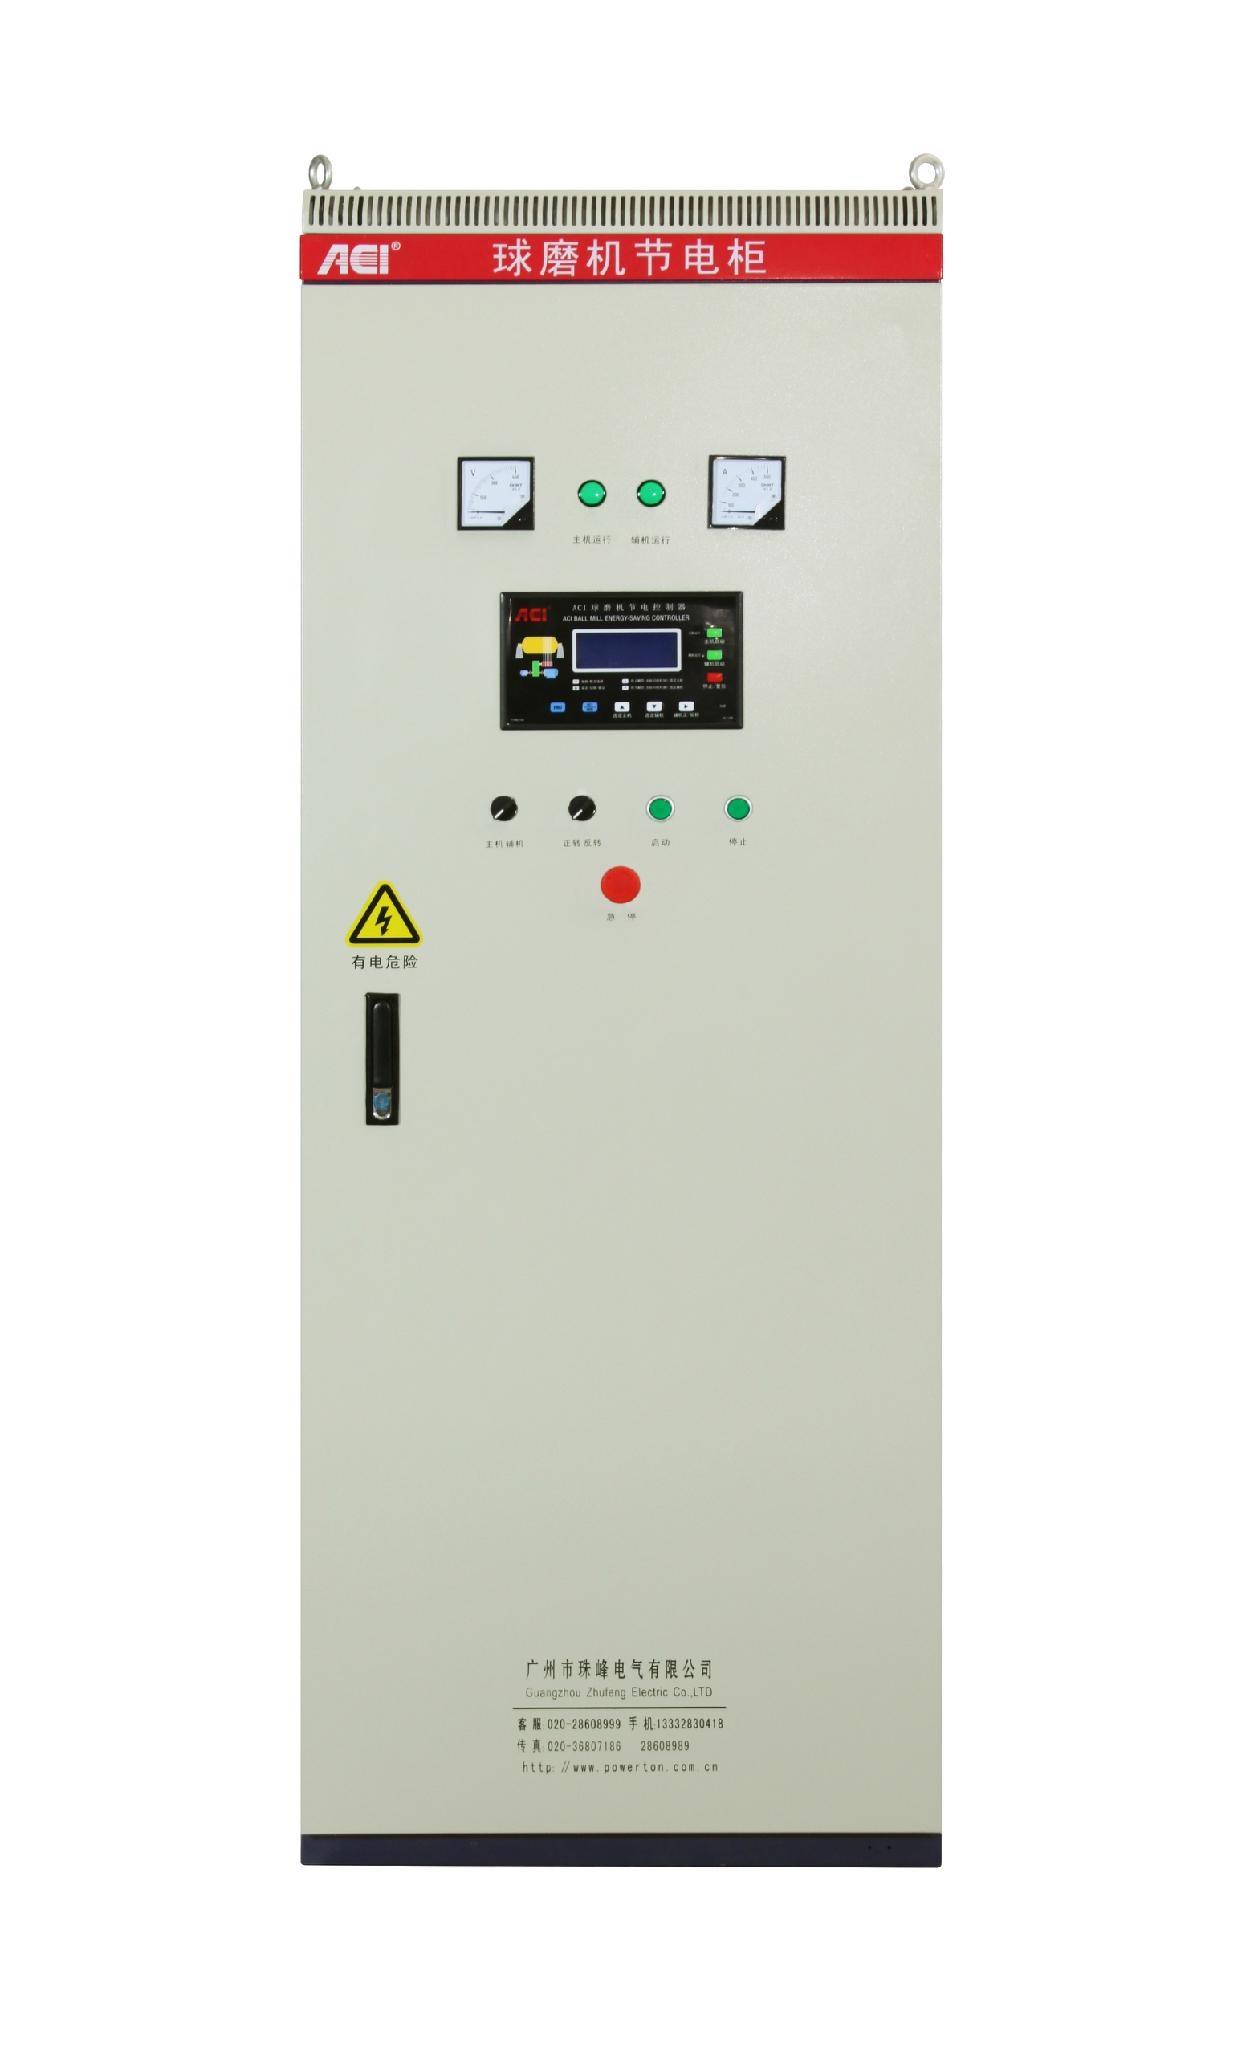 珠峰电气中文显示球磨机专用节电器 2